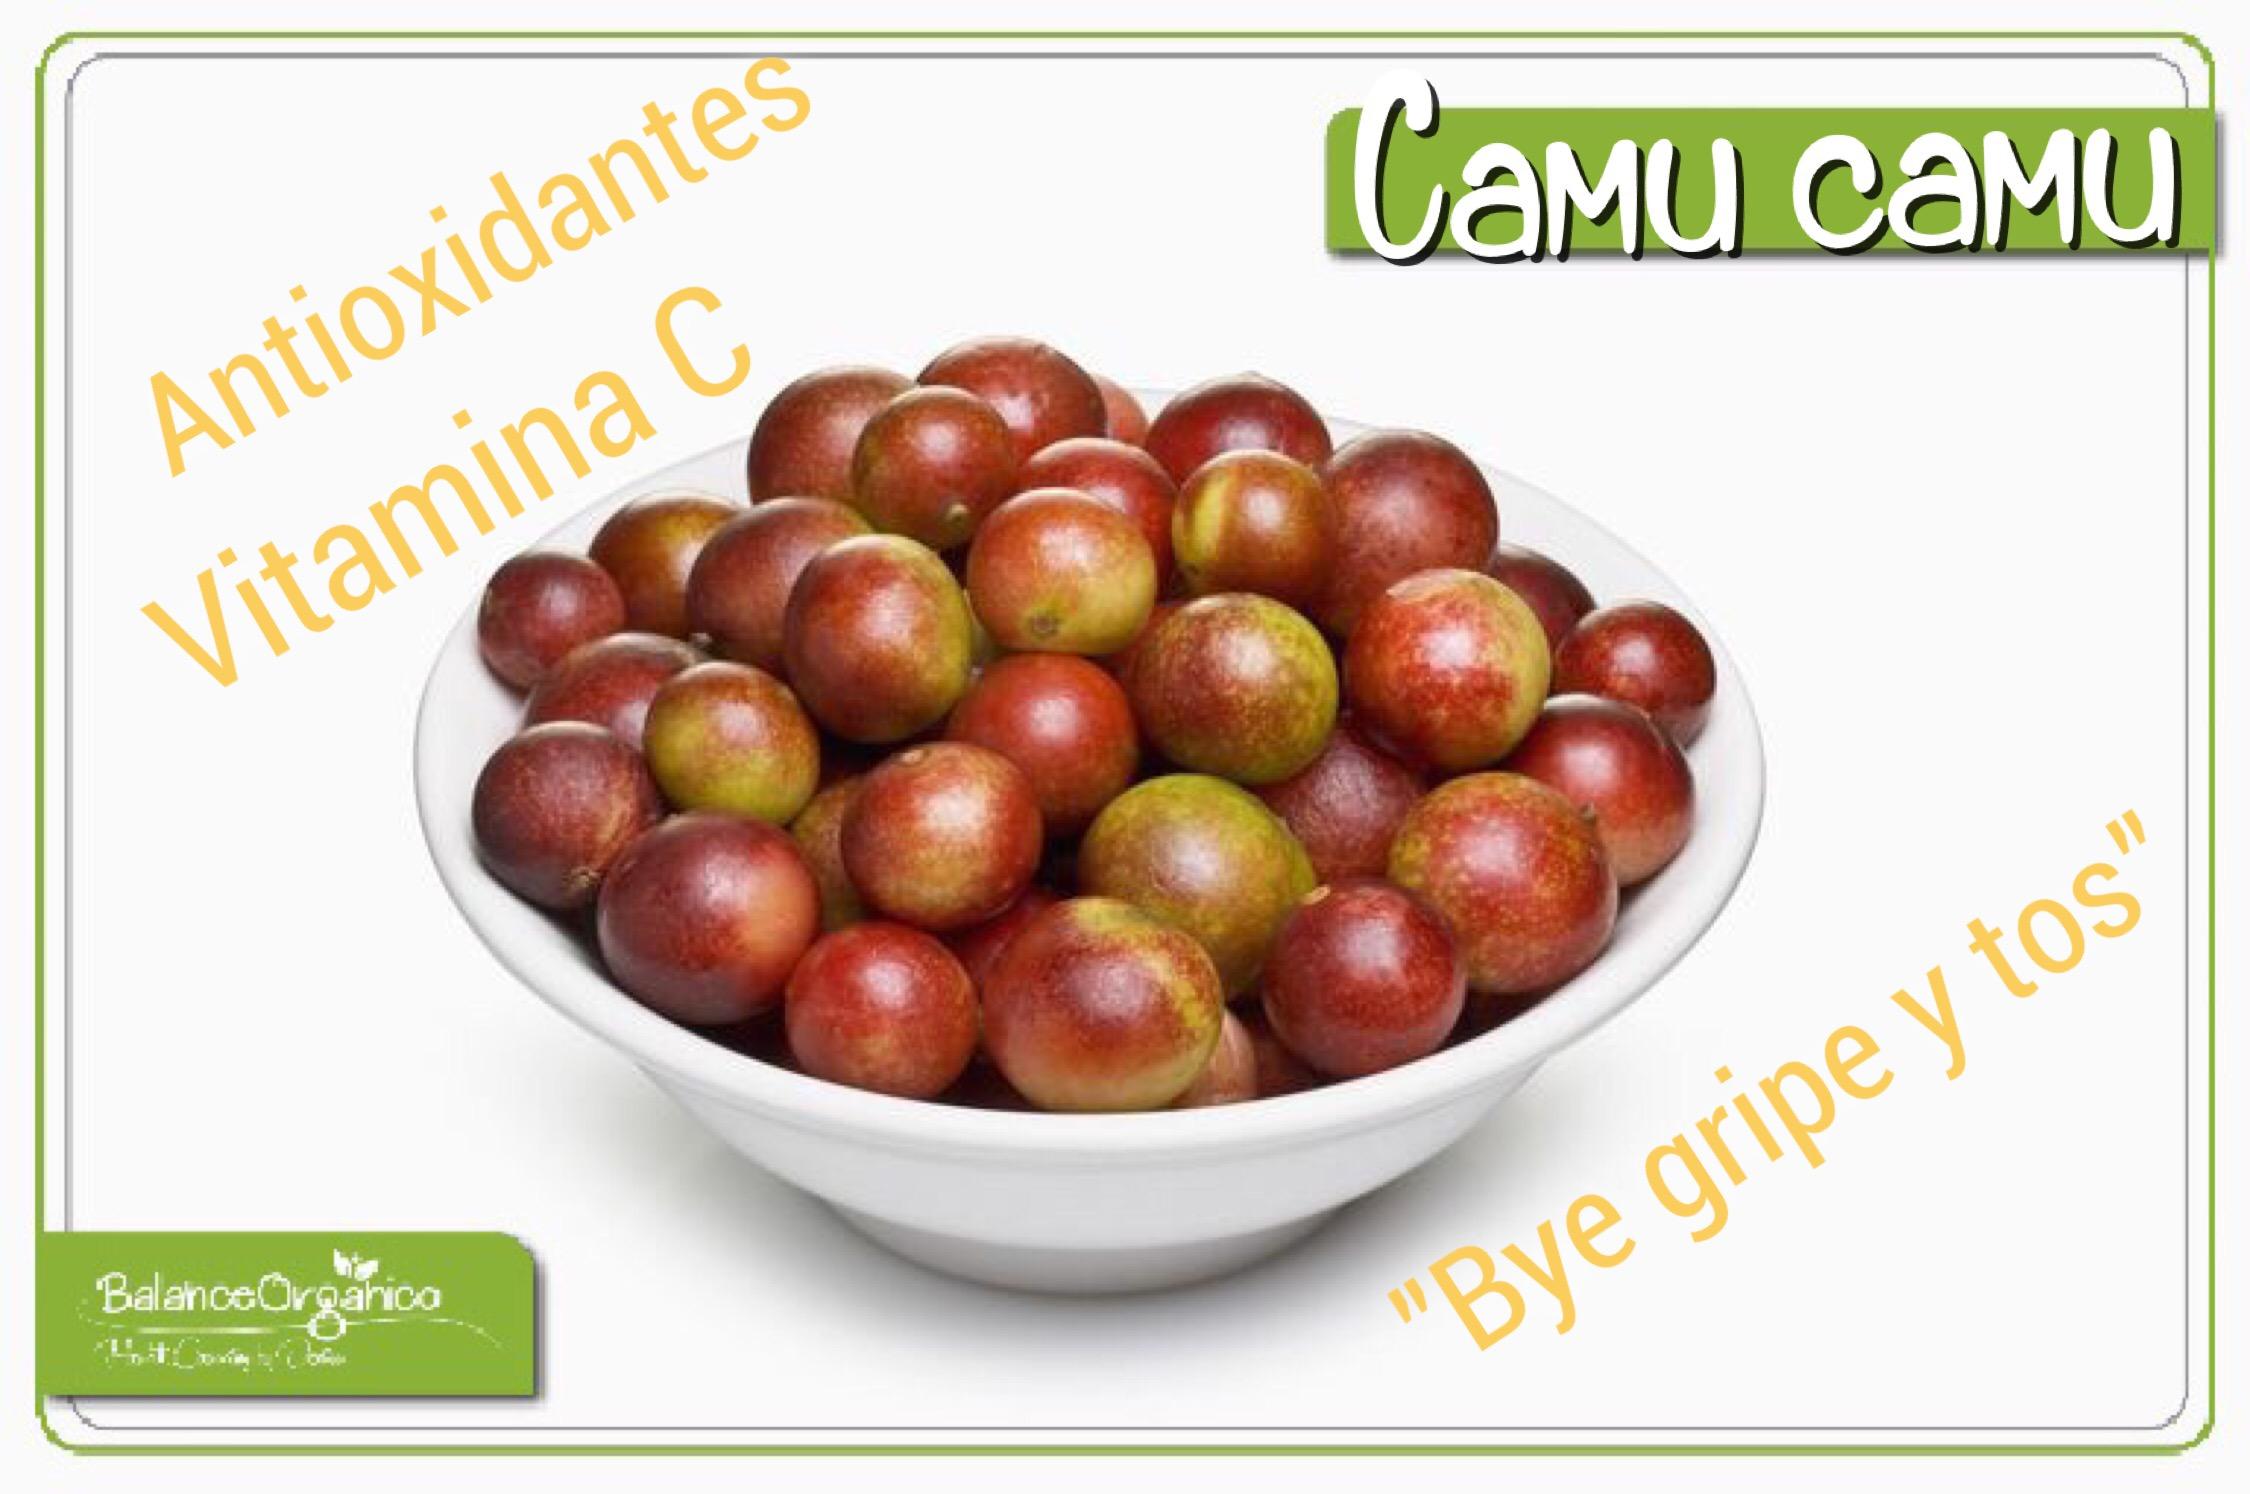 Has probado el Camu camu?